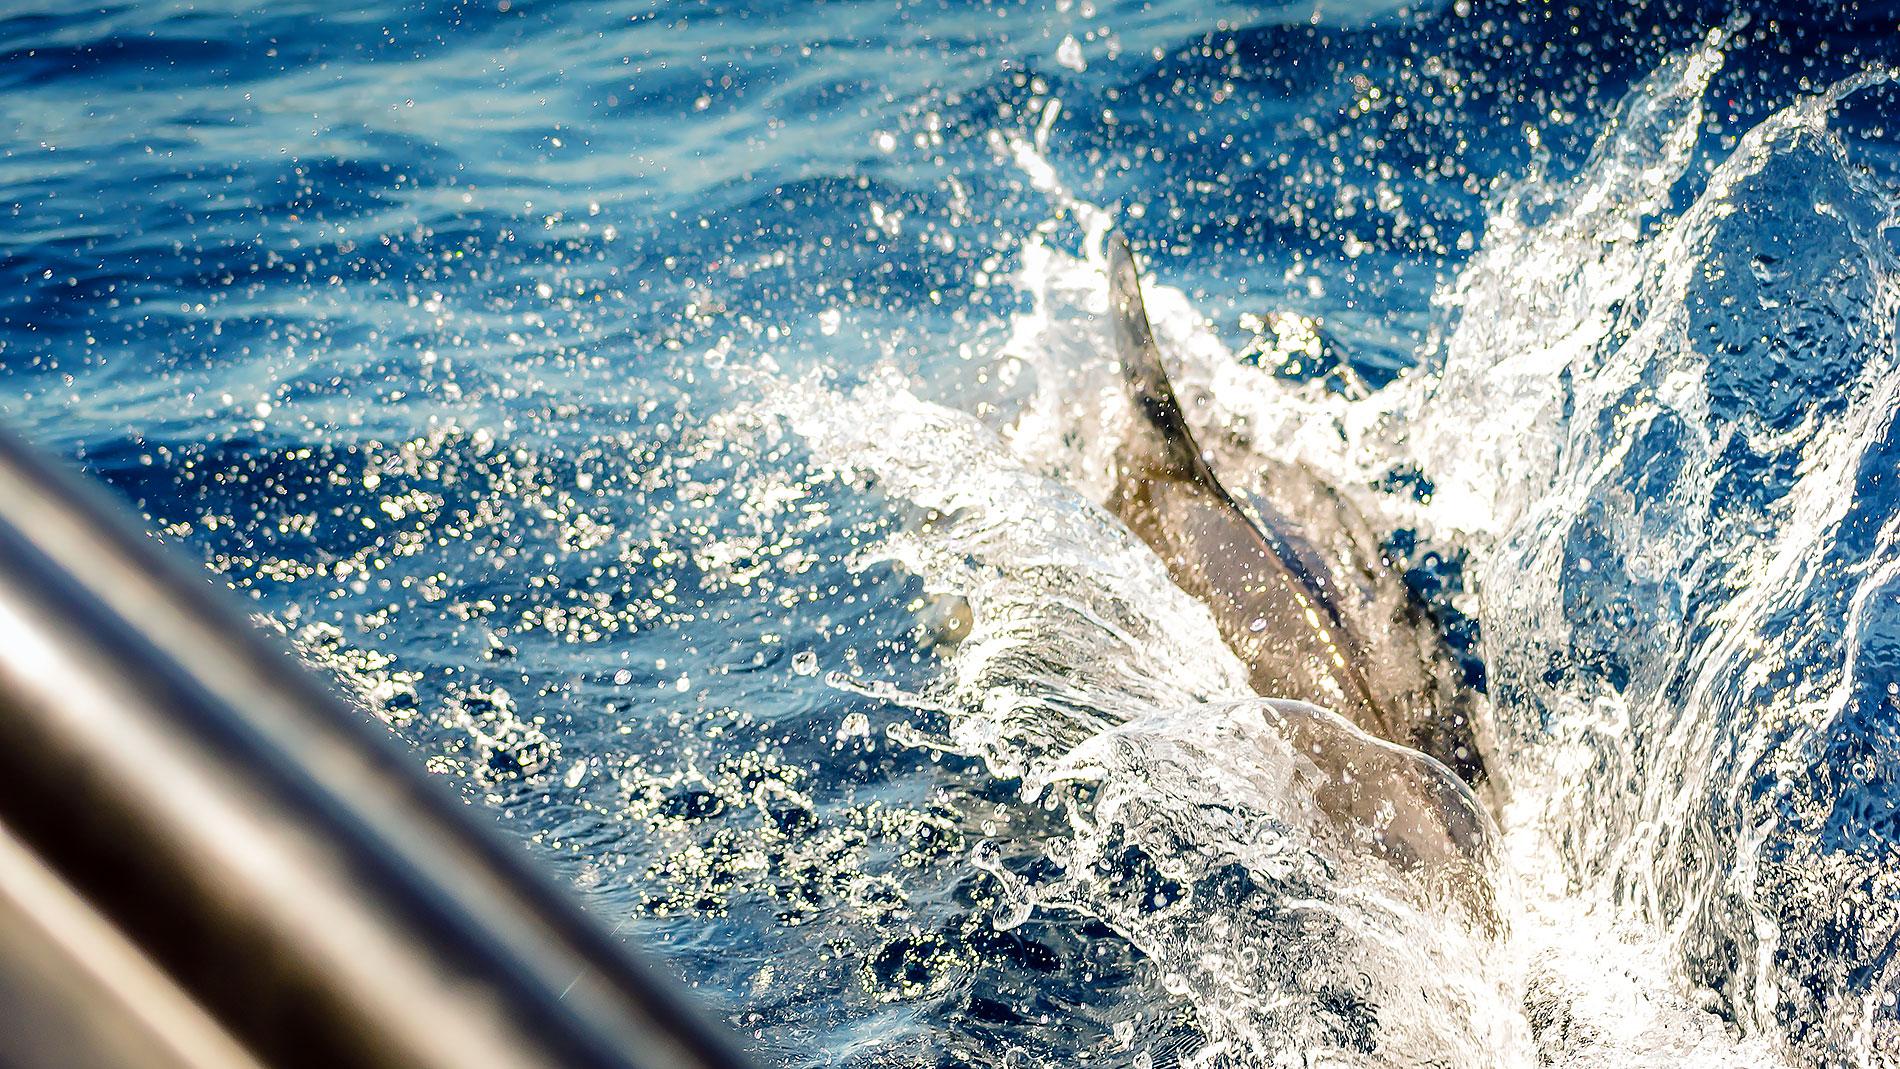 Marine wildlife photography award